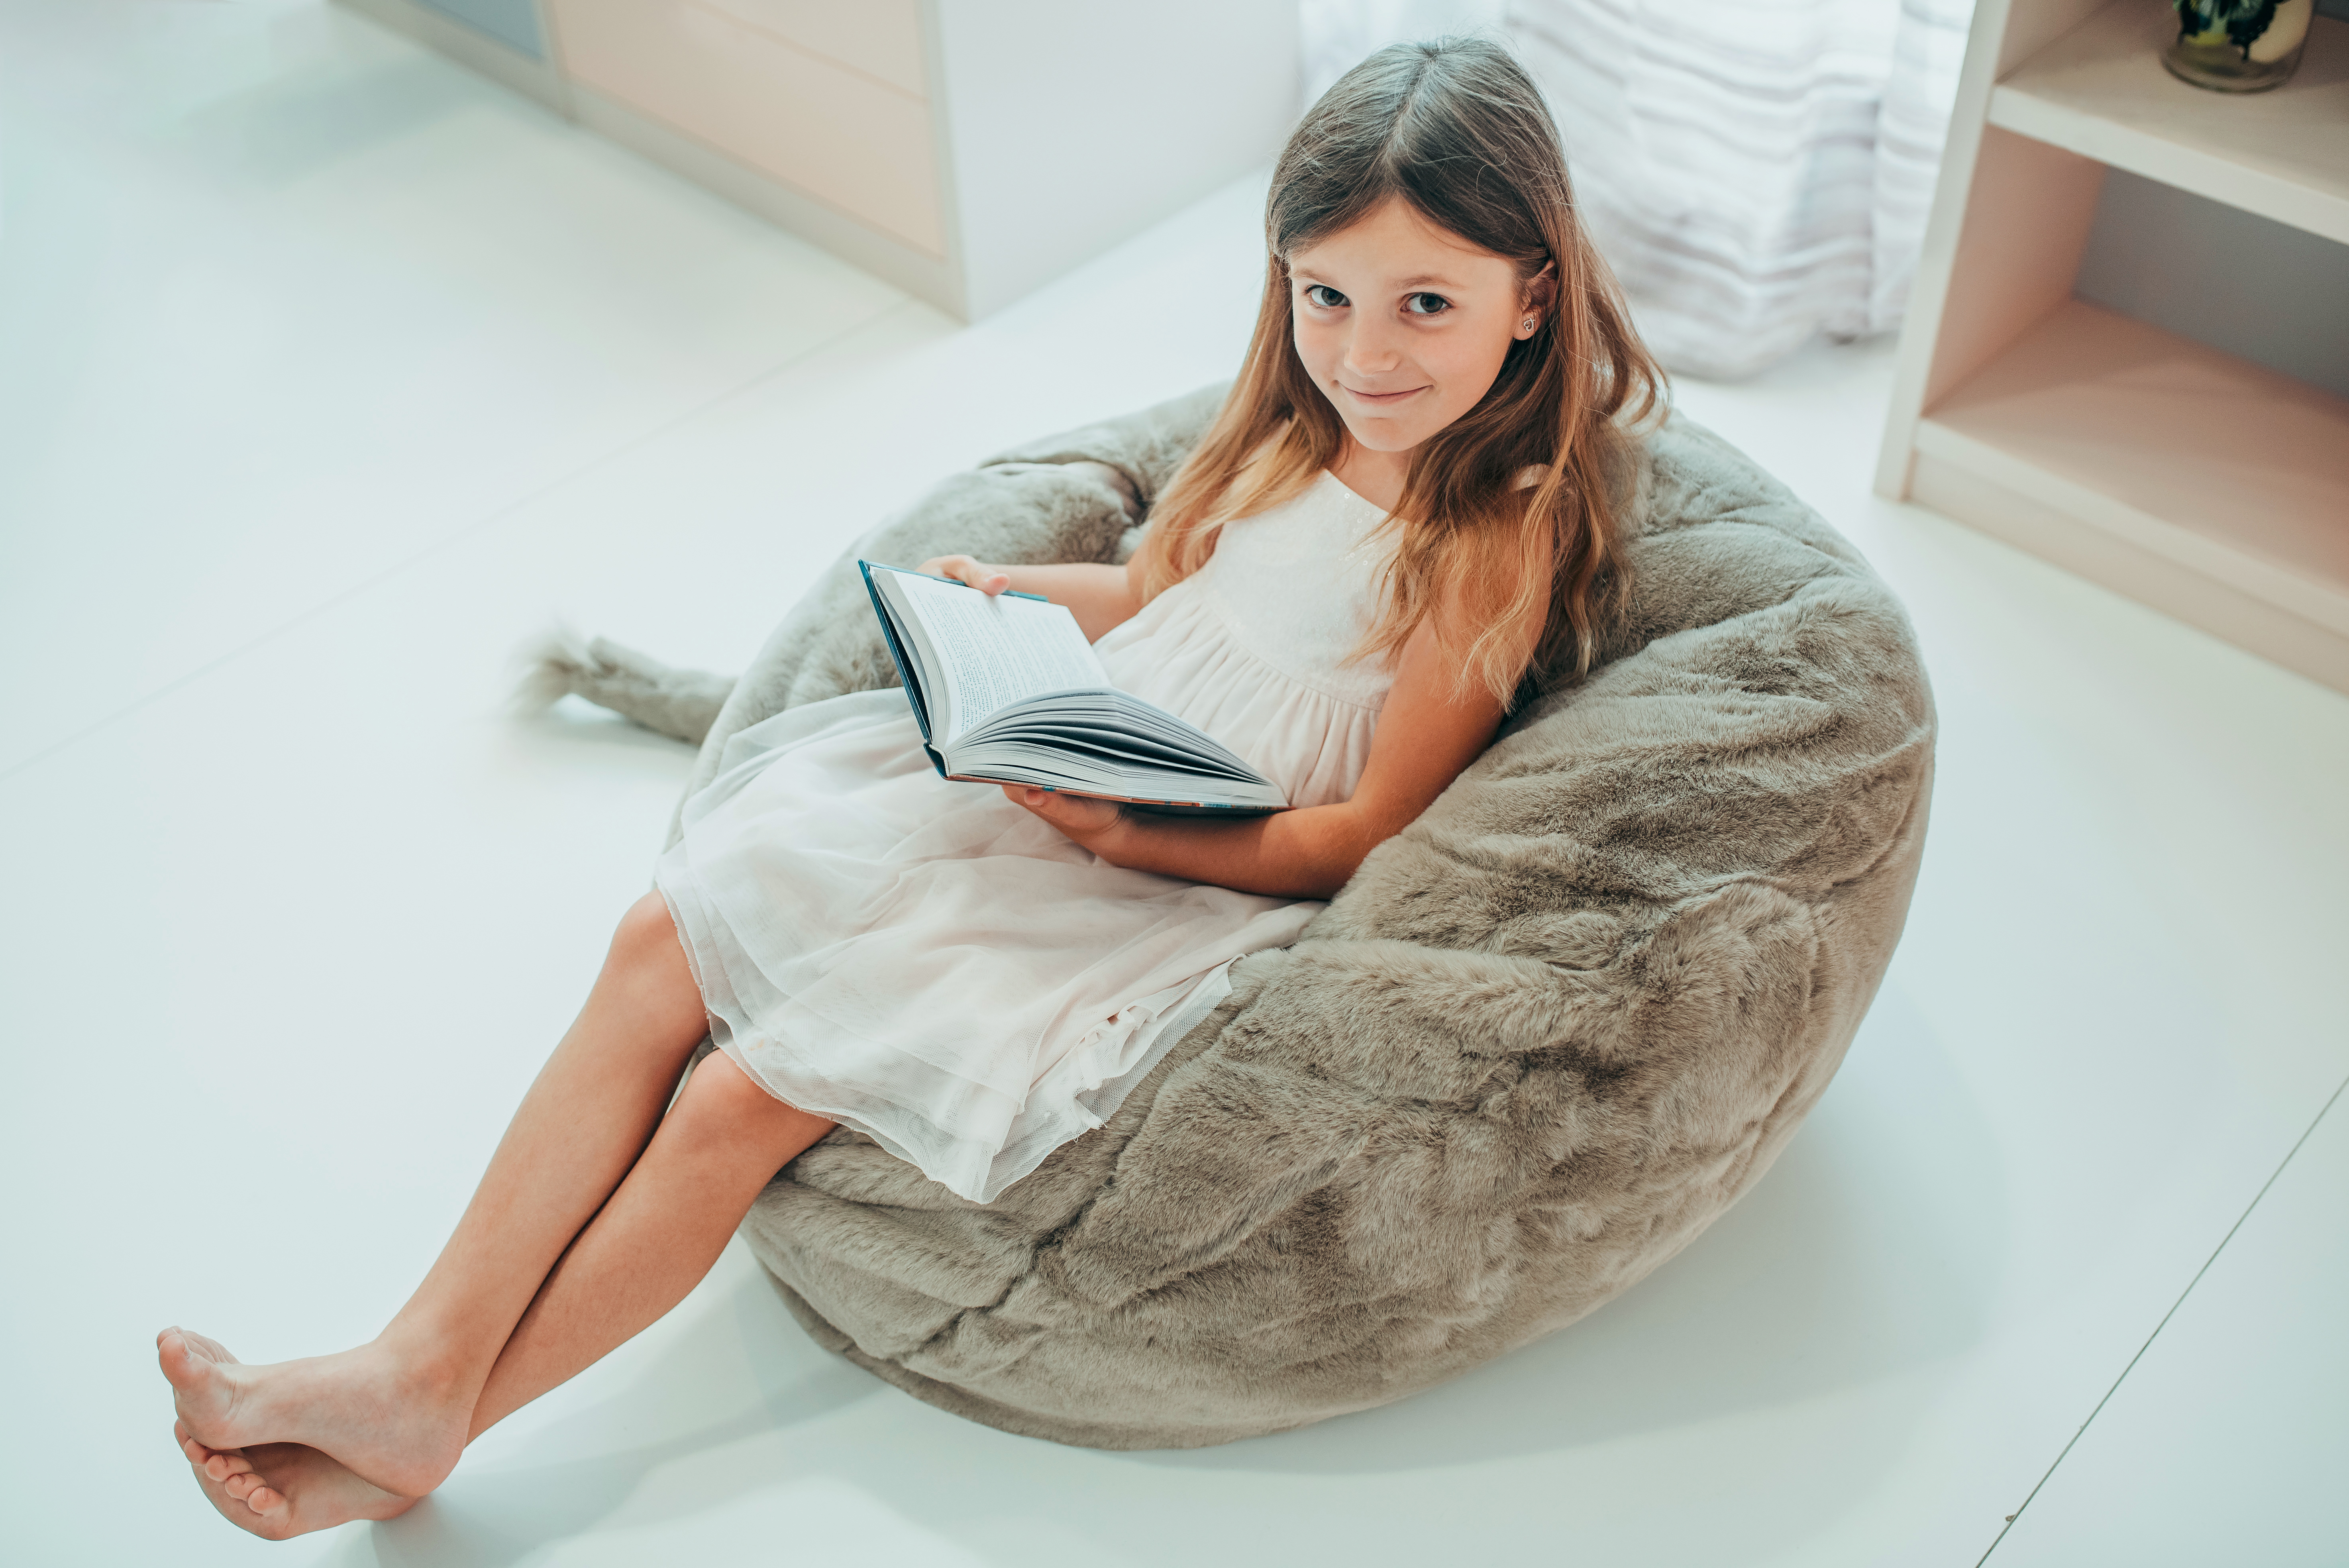 16_Pohodlný sedák Lion_foto Viabel - Lucia Rambousková_repro zdarma